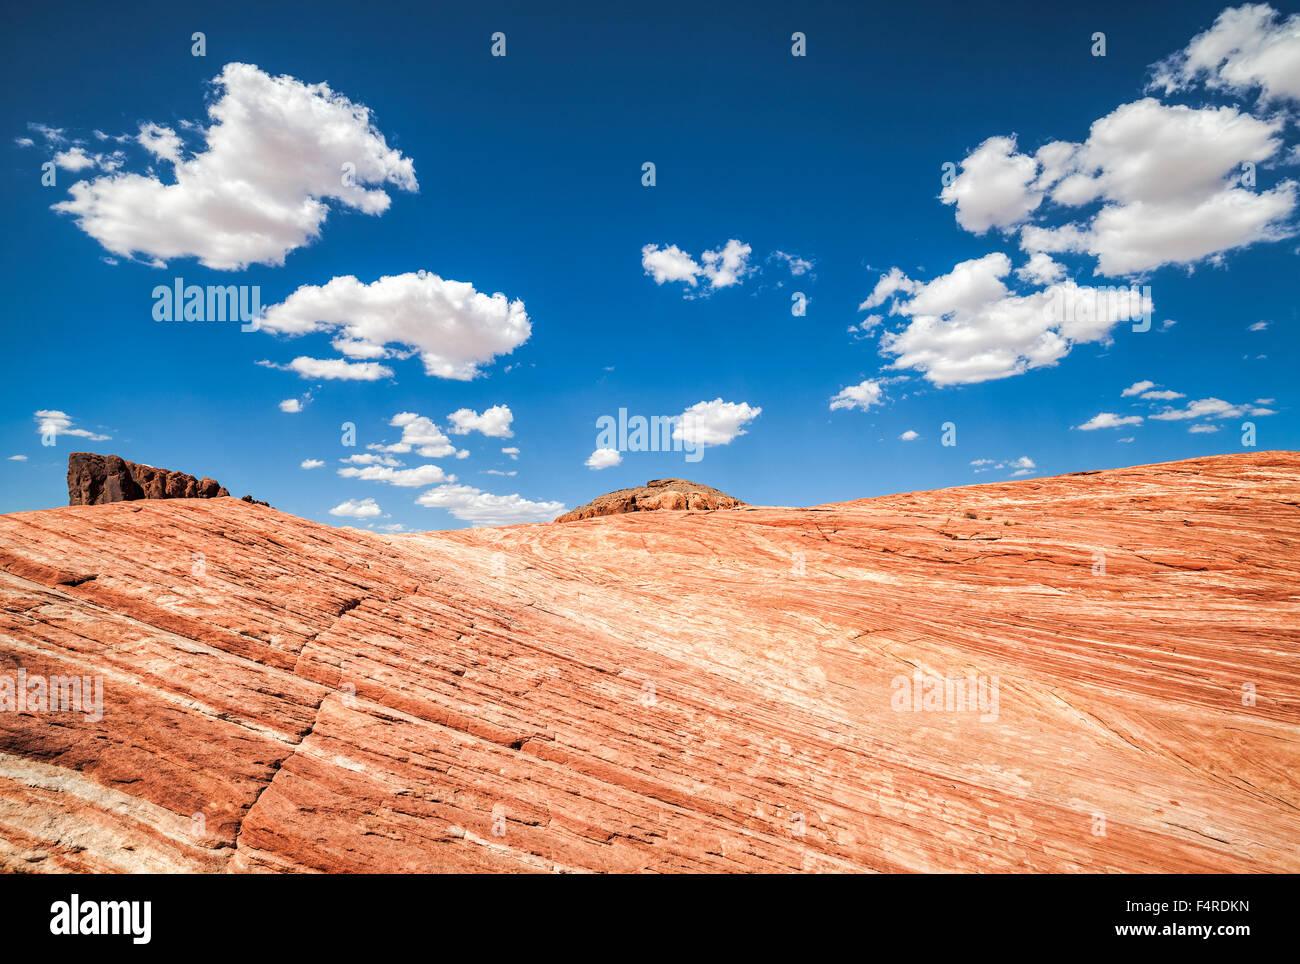 Bellissimo paesaggio, la Valle del Fuoco, STATI UNITI D'AMERICA. Immagini Stock